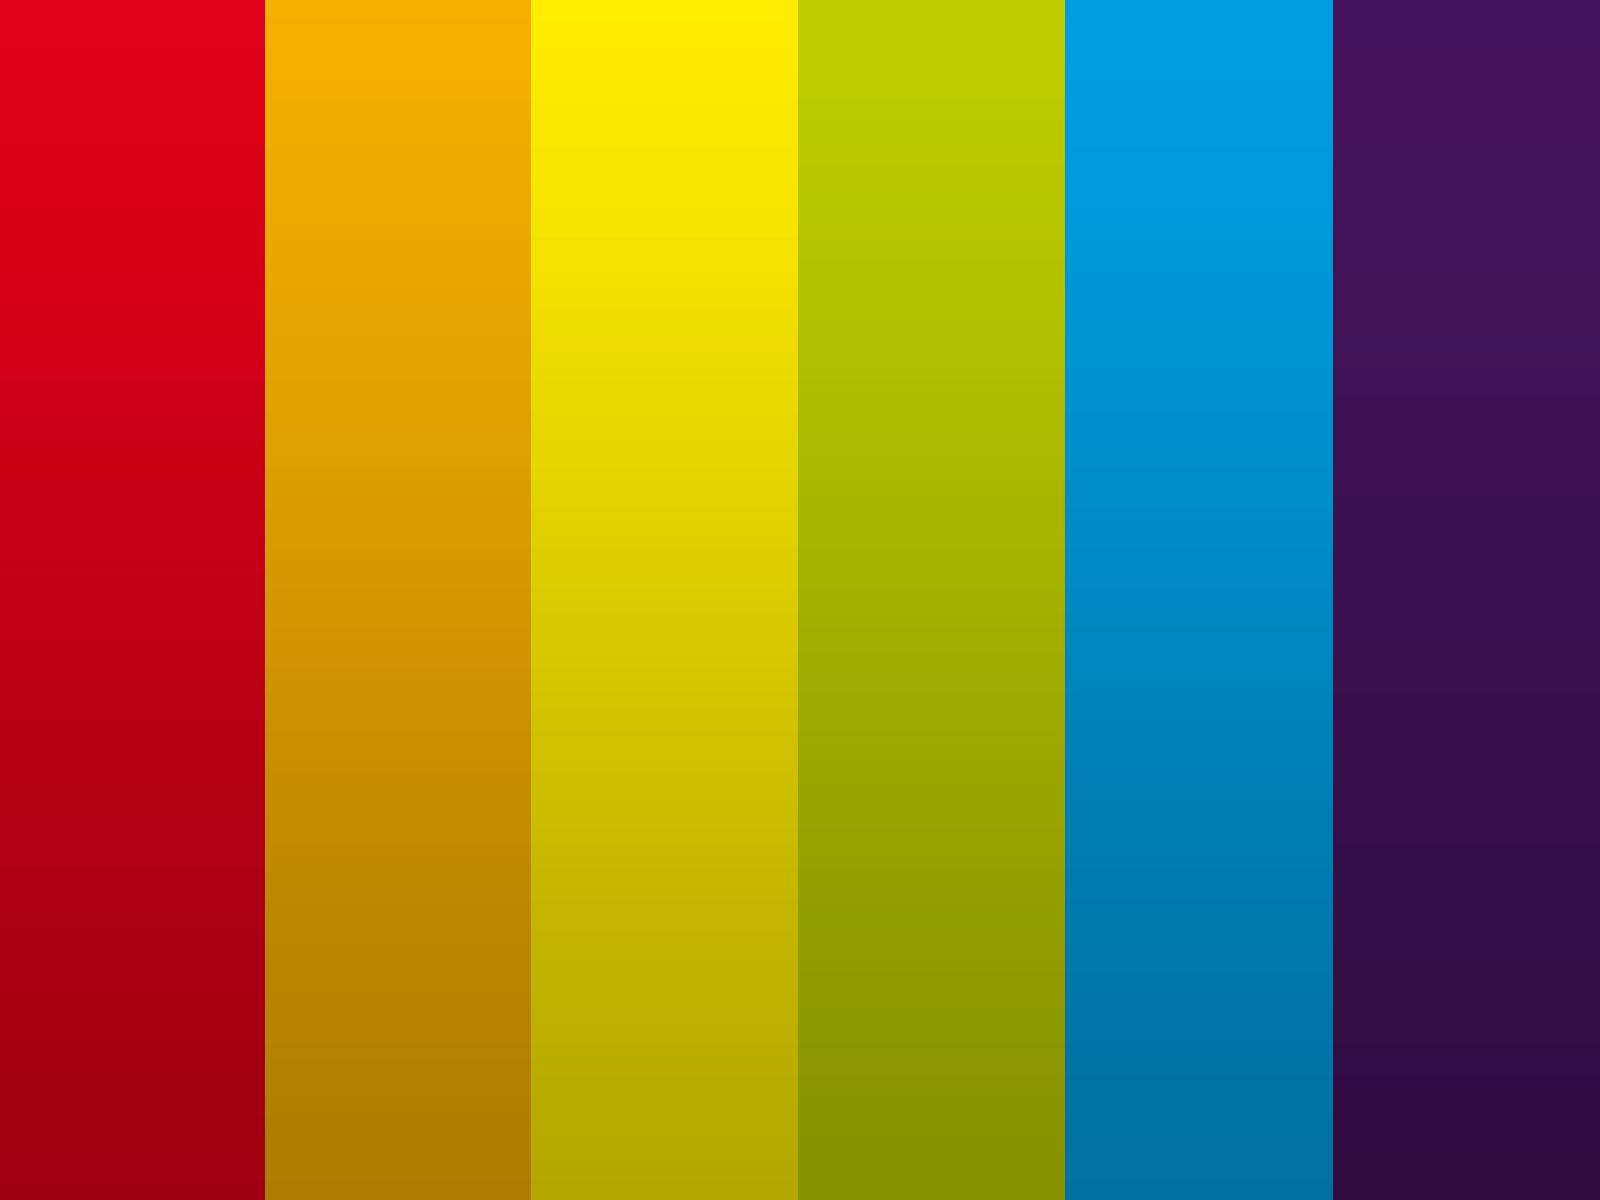 Fondos De Pantalla : Rojo, Texto, Verde, Amarillo, Azul